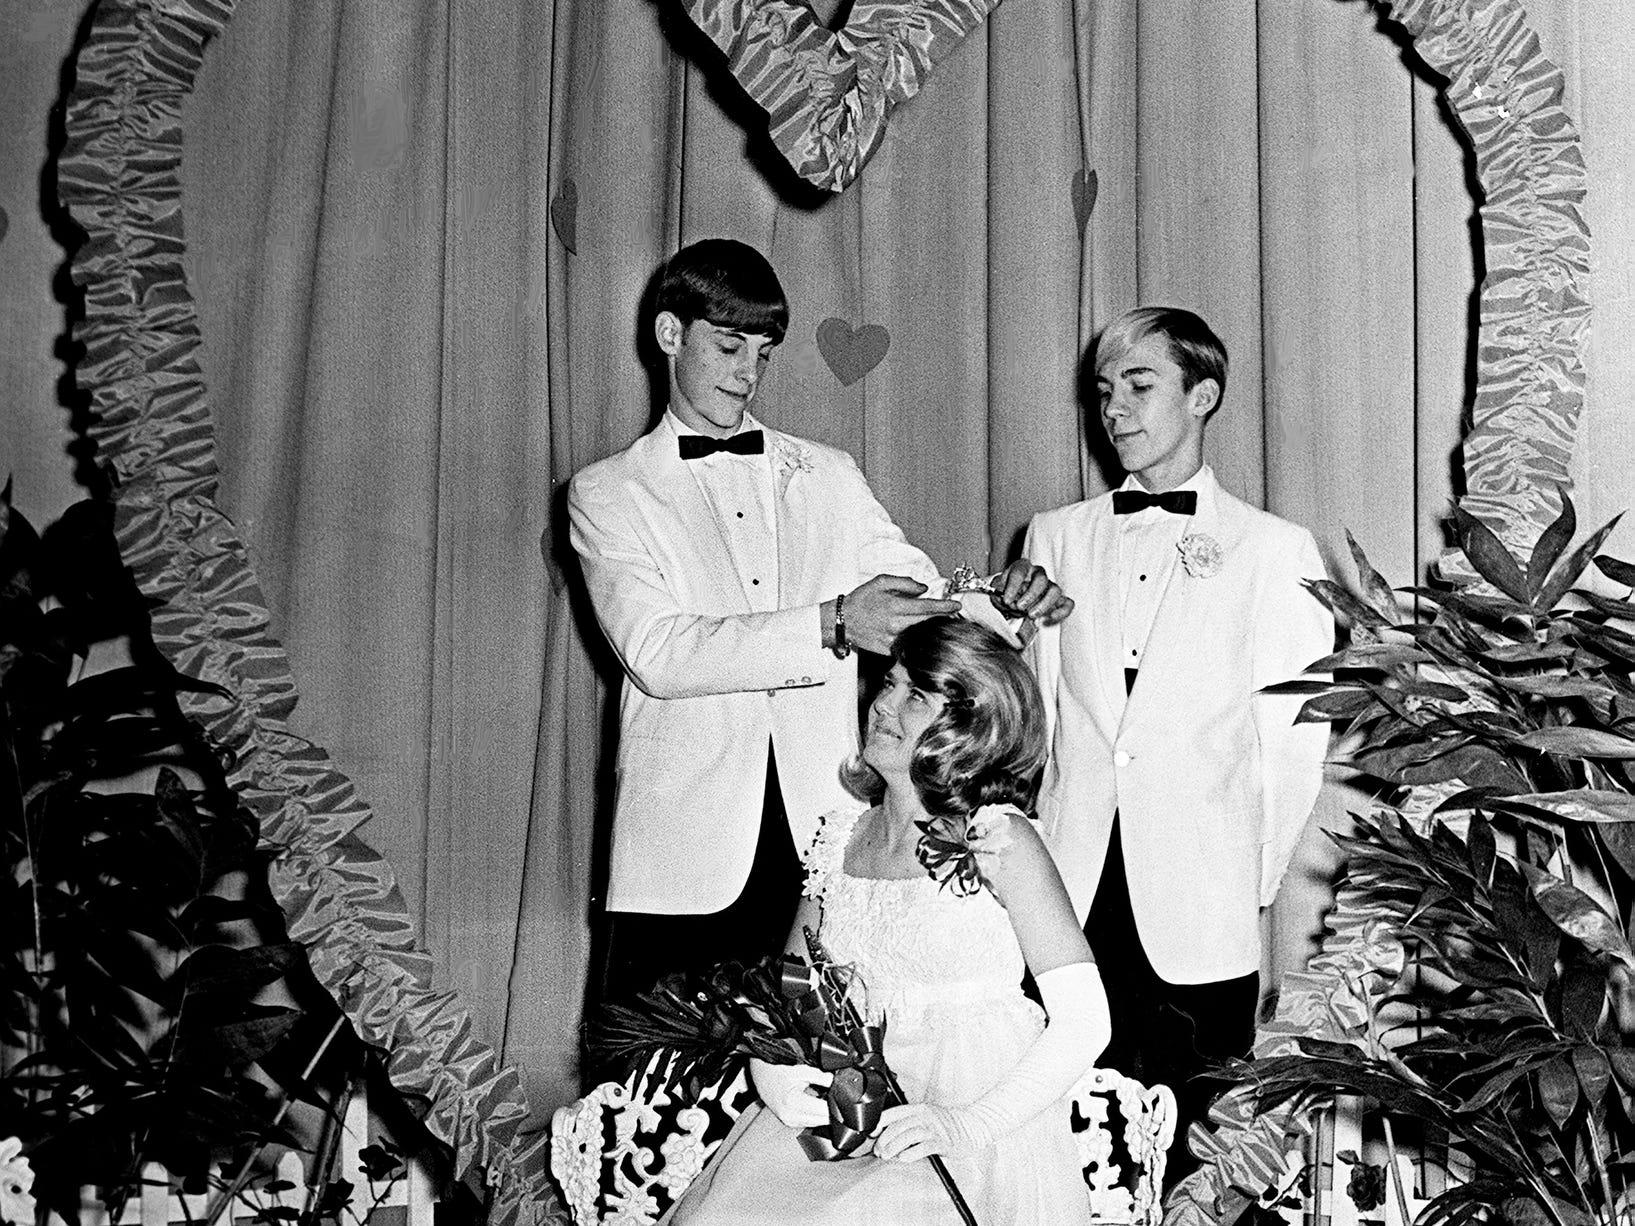 David Fudge, left, crowns Valentine Queen Sharon Leonard during the annual Highland Heights Junior High School Valentine pageant Feb. 14, 1969. Freddie Freeman, right, is Sharon's escort.